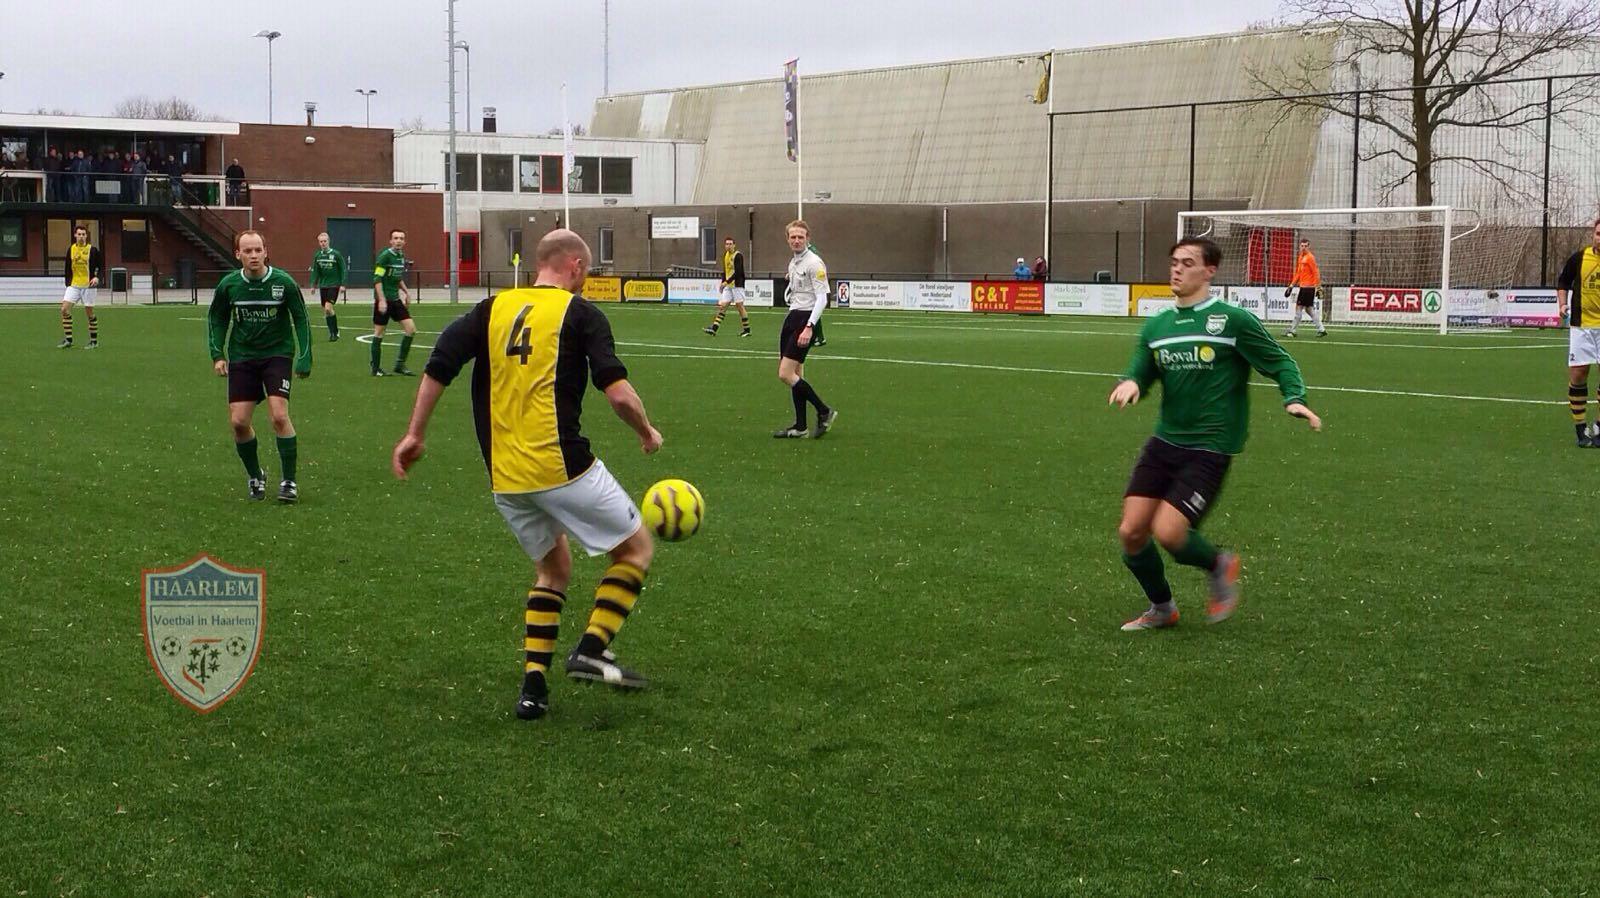 BSM - Schoten - Voetbal in Haarlem